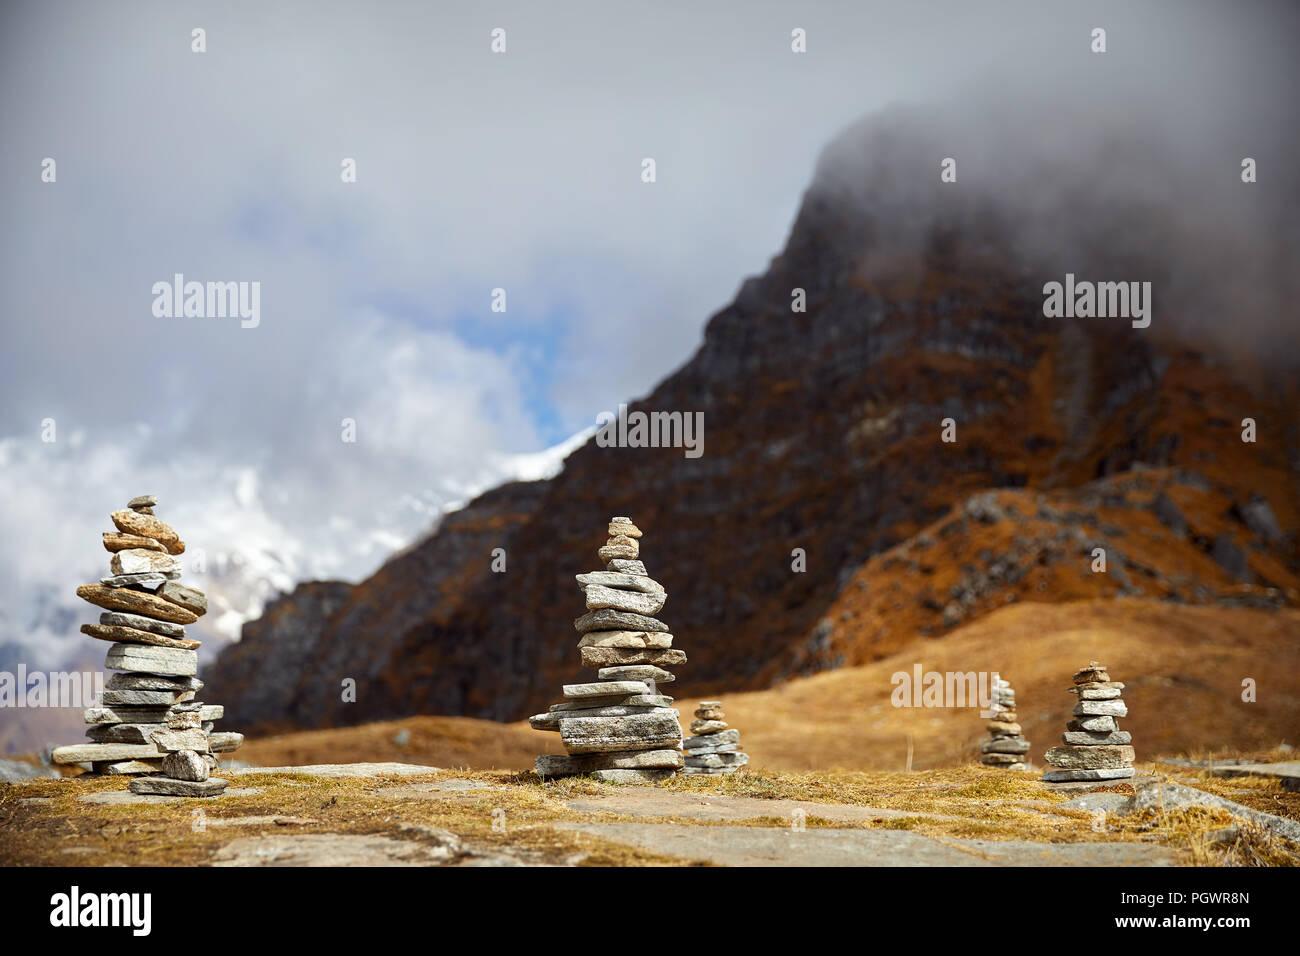 De petits tas de pierres sur les Mardi Himal trek et nuageux sommets de montagnes de l'Himalaya au Népal Photo Stock